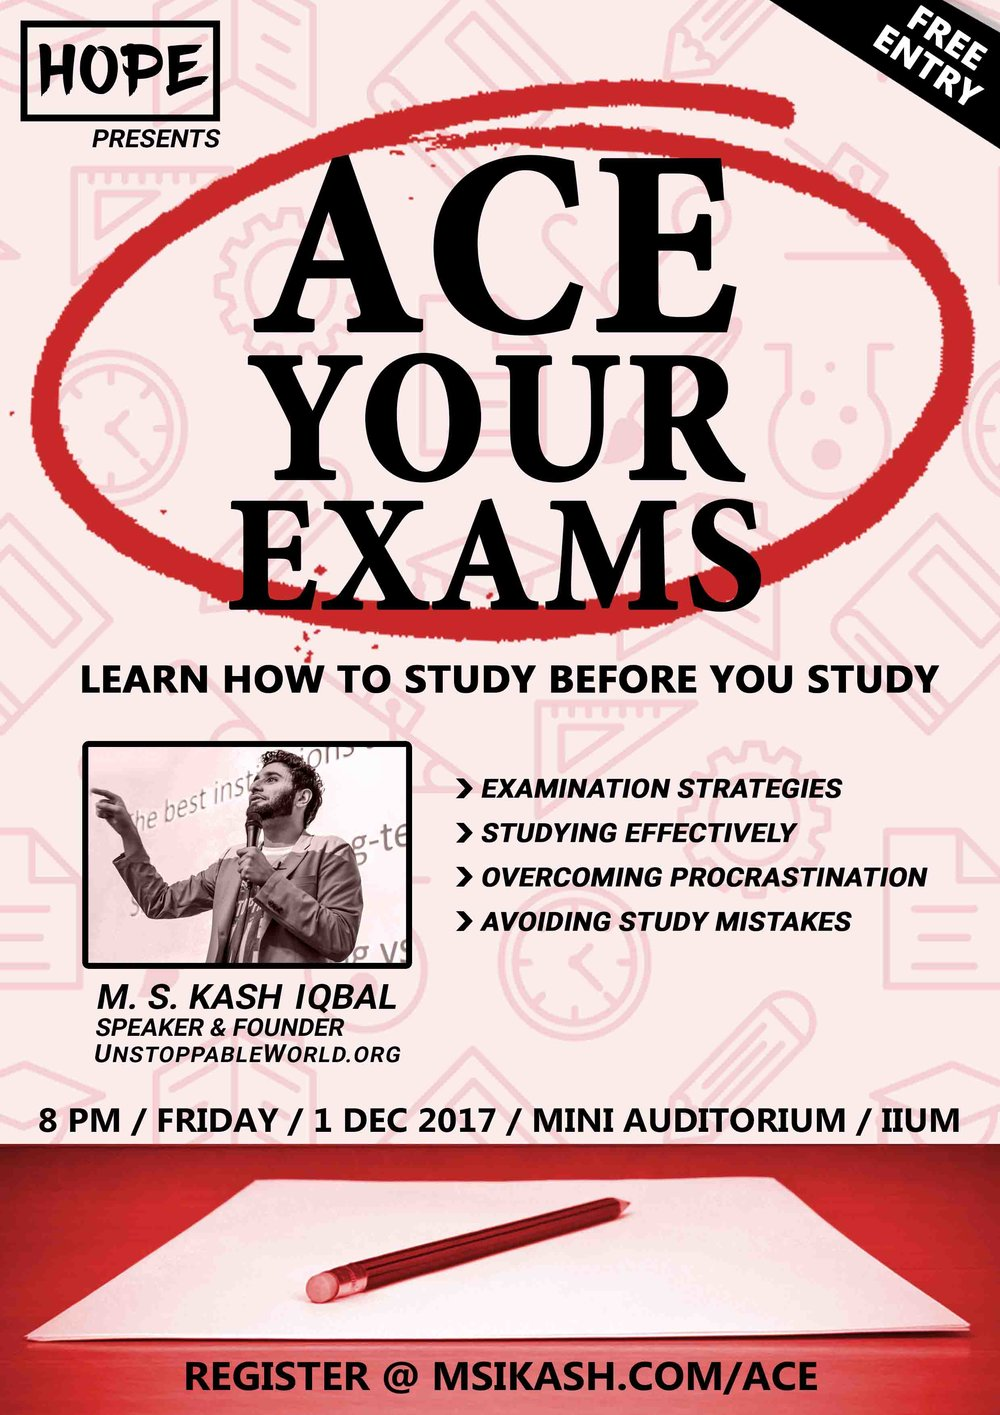 AceYourExams poster.jpg